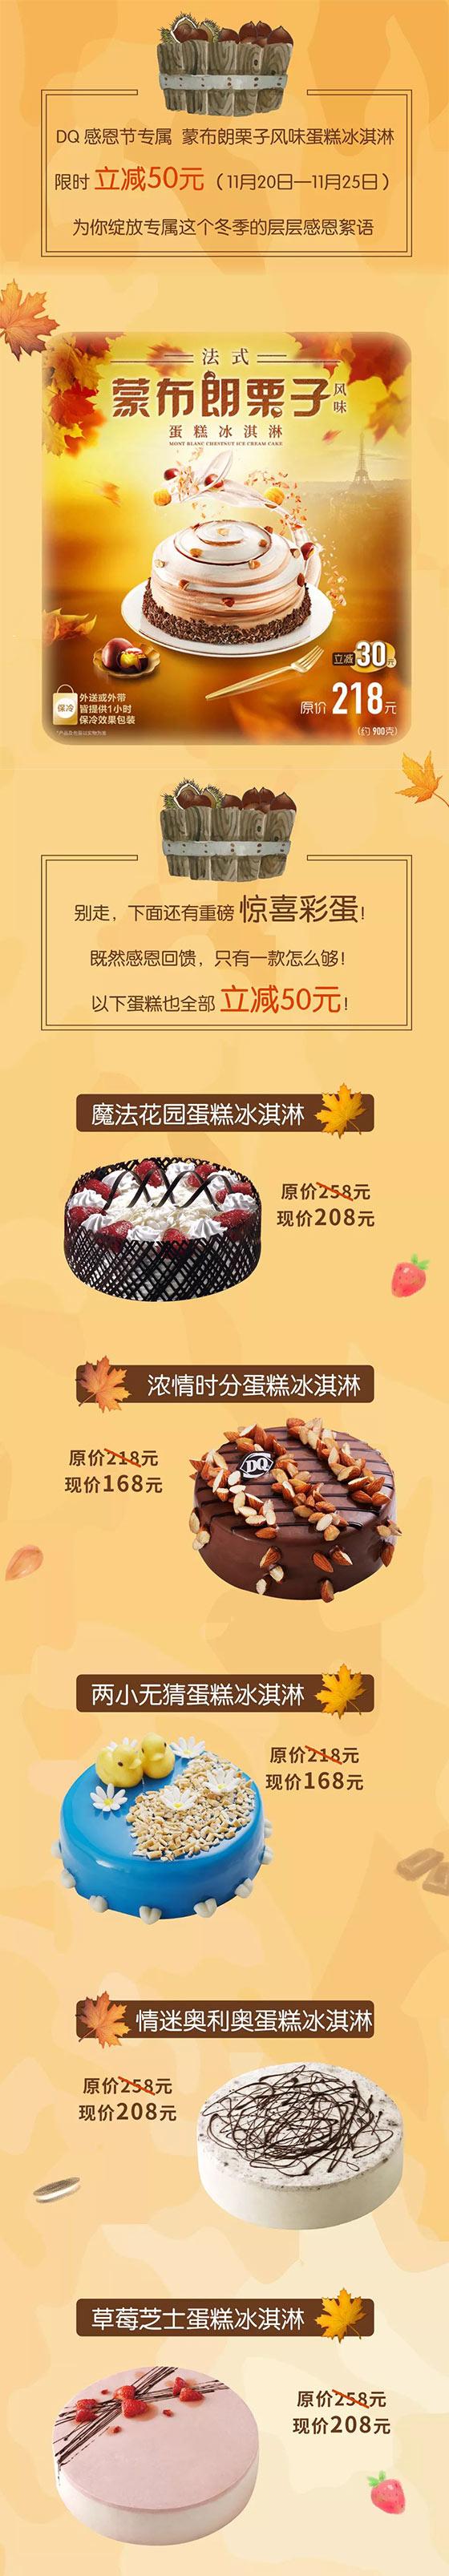 优惠券图片:DQ冰雪皇后感恩节专属蛋糕限时立减50元 有效期2018年11月20日-2018年11月25日